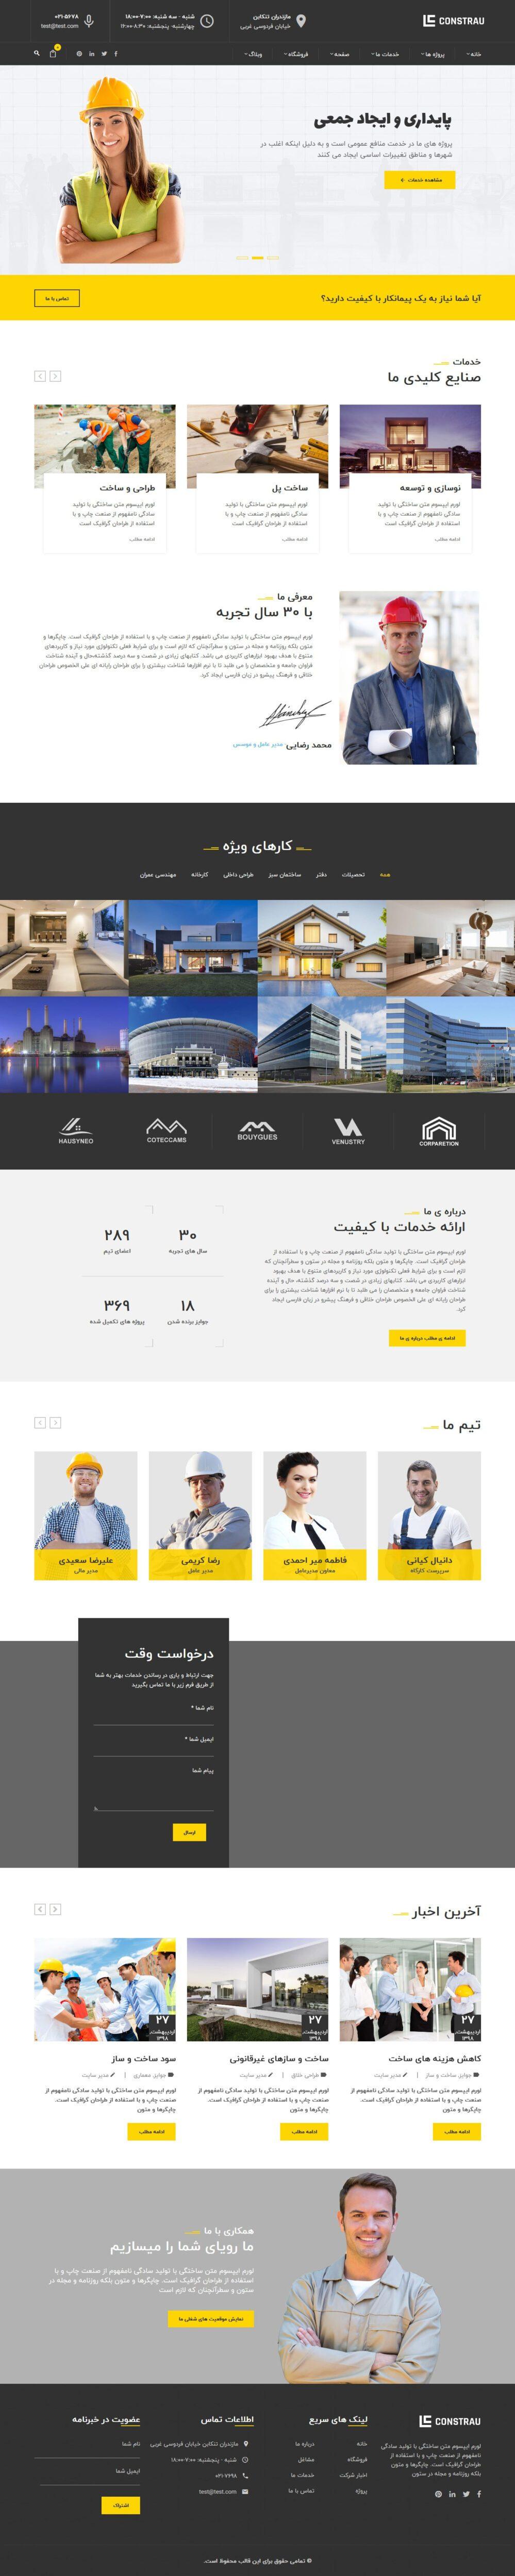 قالب شرکتی ساخت و ساز-تجاری-وردپرس Constrau